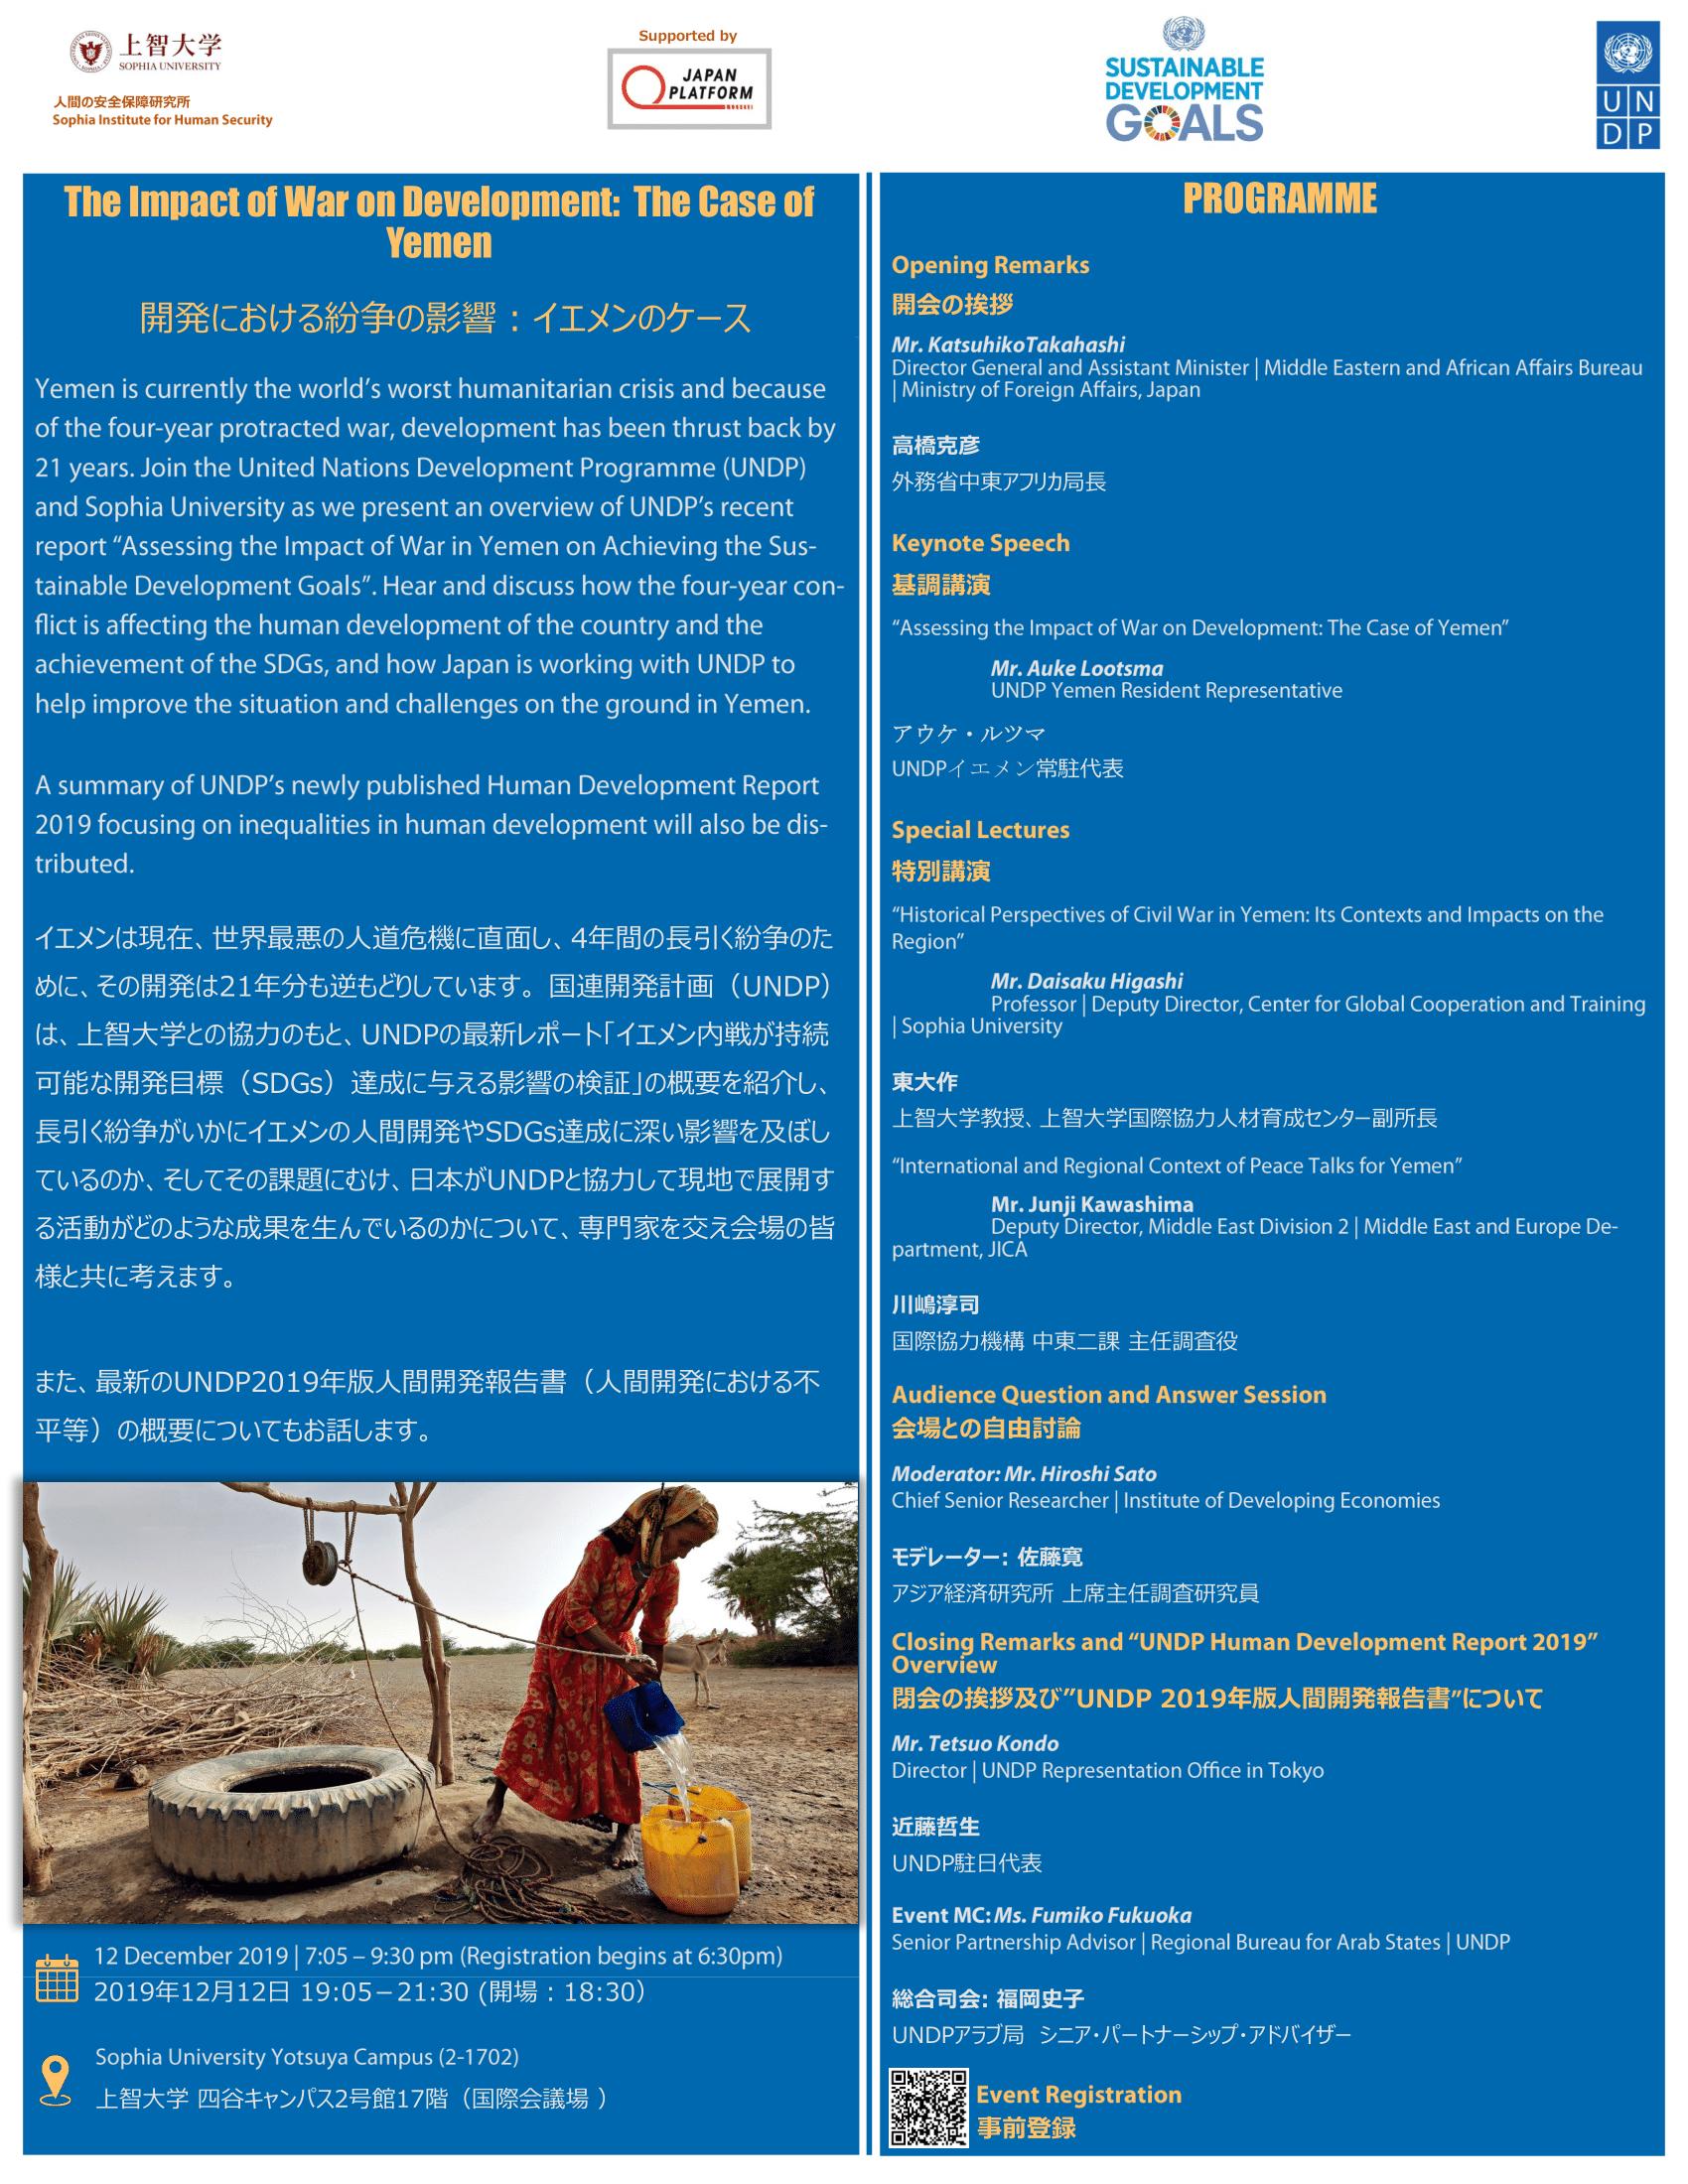 国際関係研究所が後援する講演会「開発における紛争の影響:イエメンのケース」を開催します。